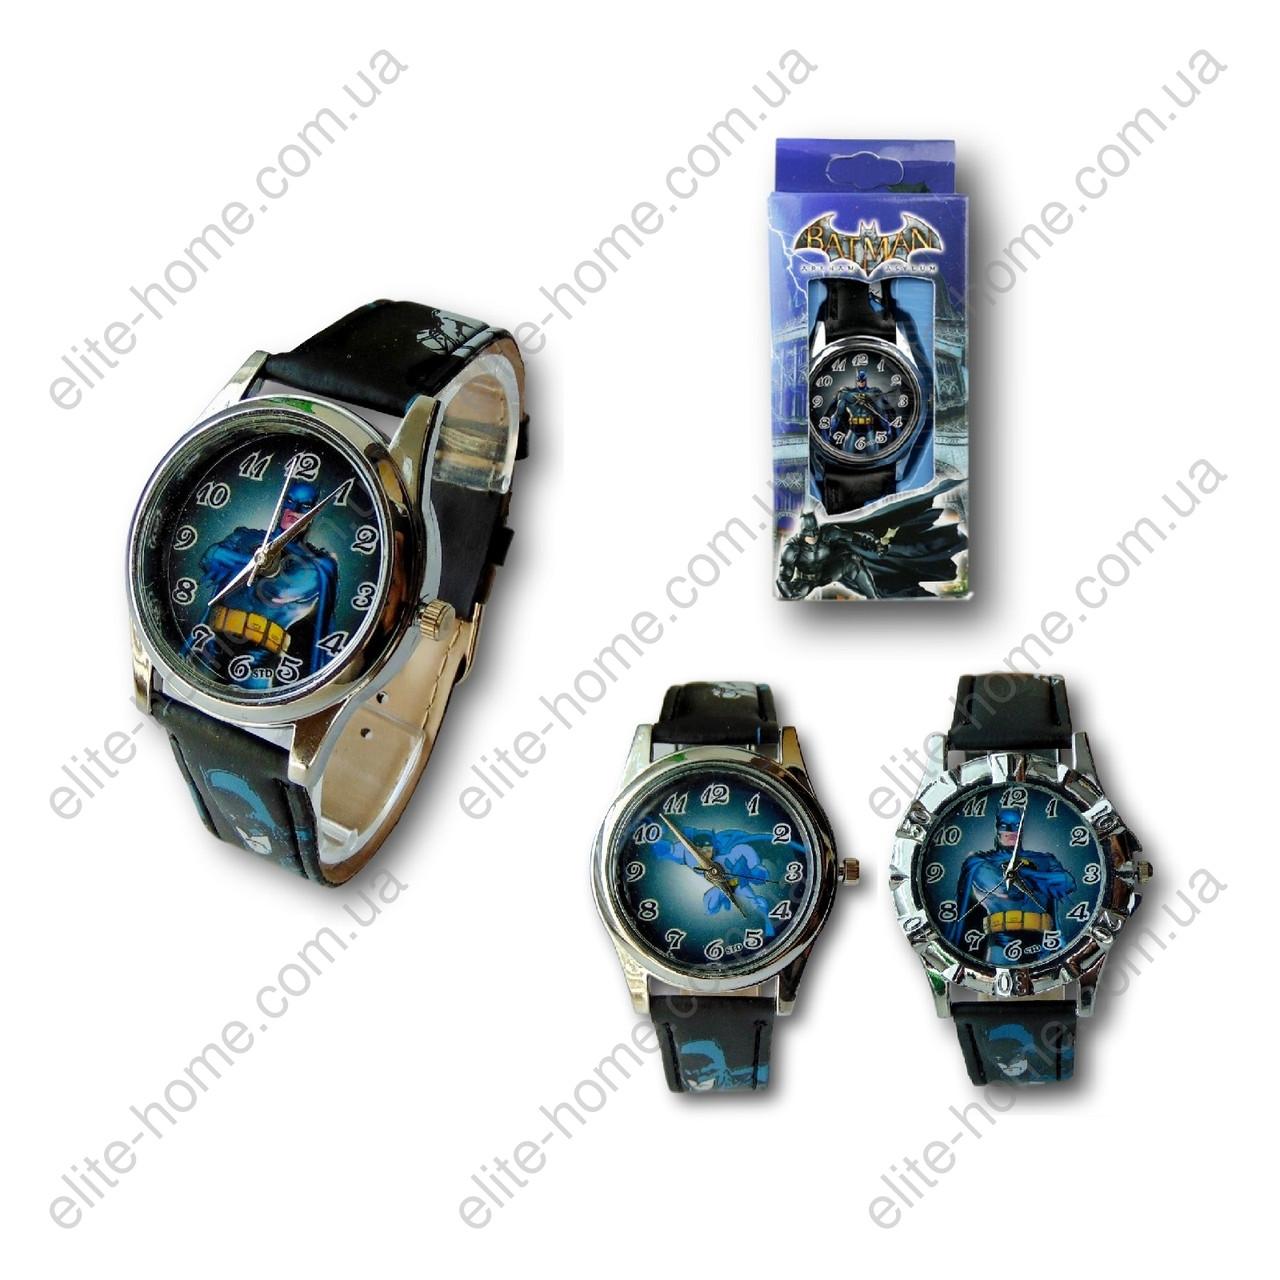 """Детские наручные часы """"Бэтмен (Batman)"""" в подарочной упаковке (черный ремешок, 2 вида)"""